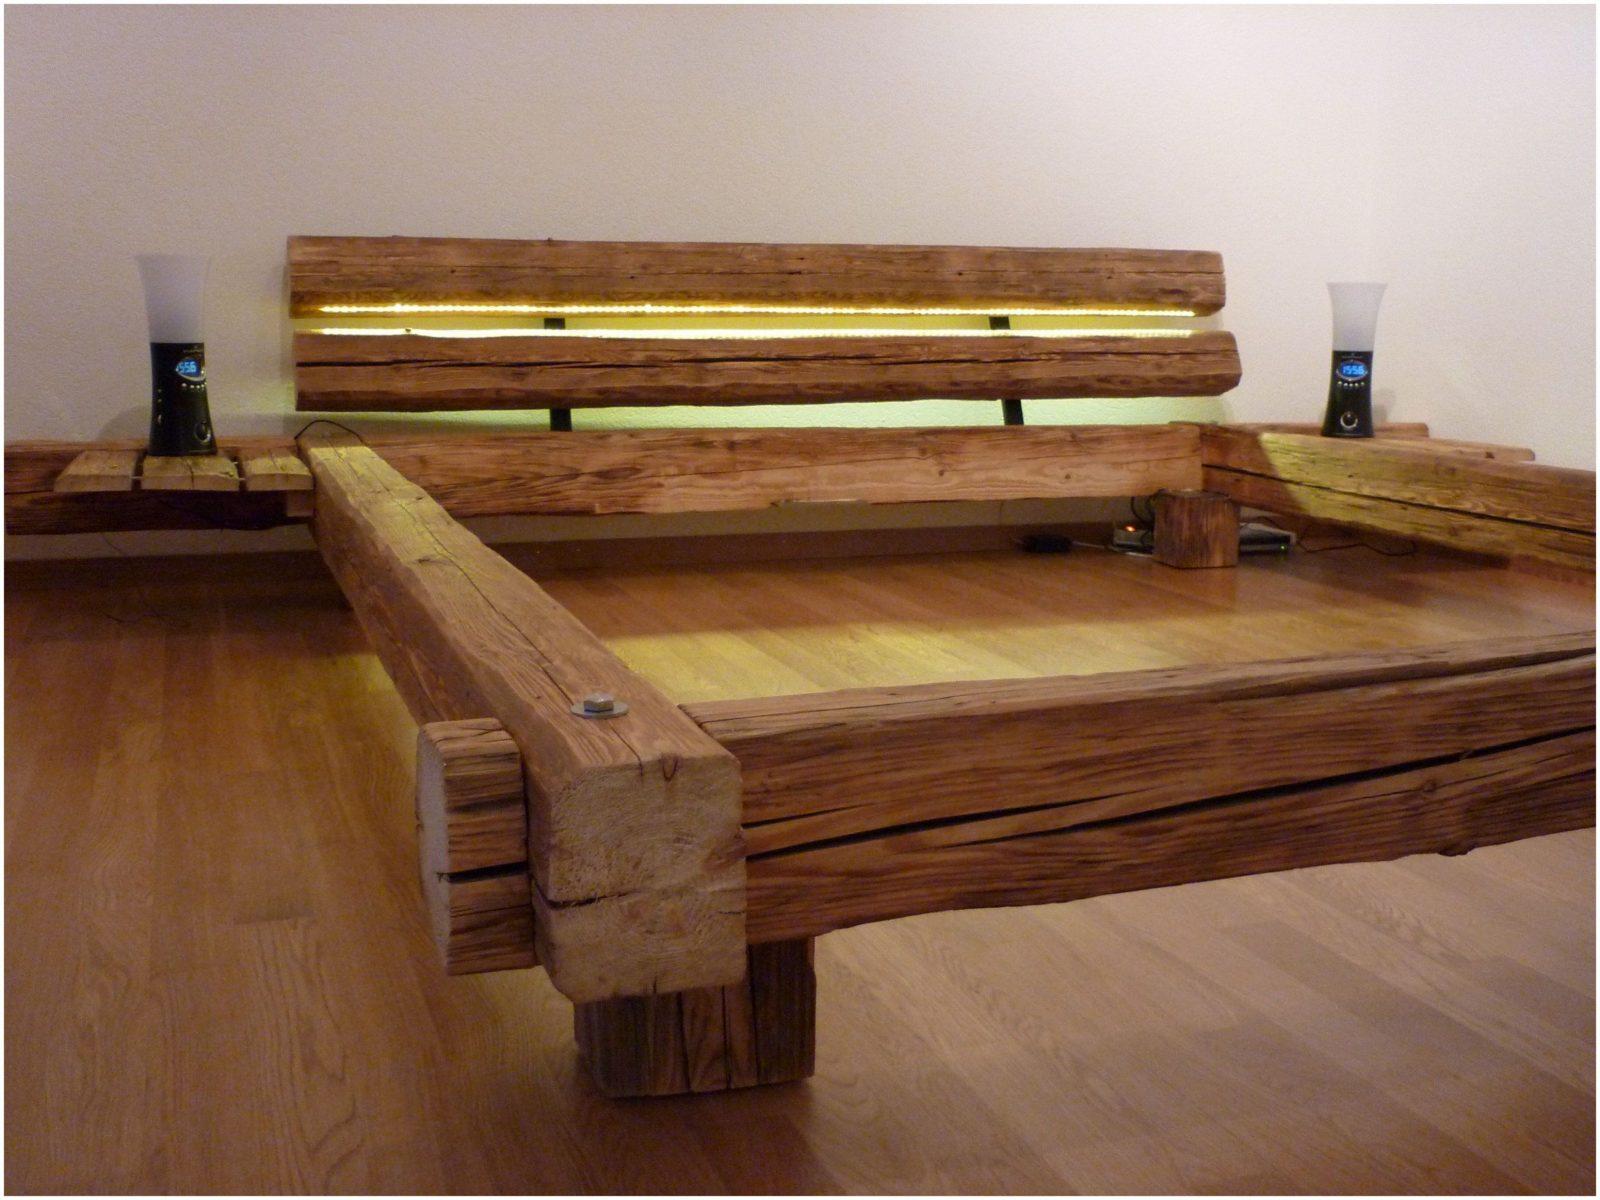 Inspirierend Bett Aus Alten Balken Bilder Von Bett Stil 46535  Bett von Bett Aus Alten Balken Bild